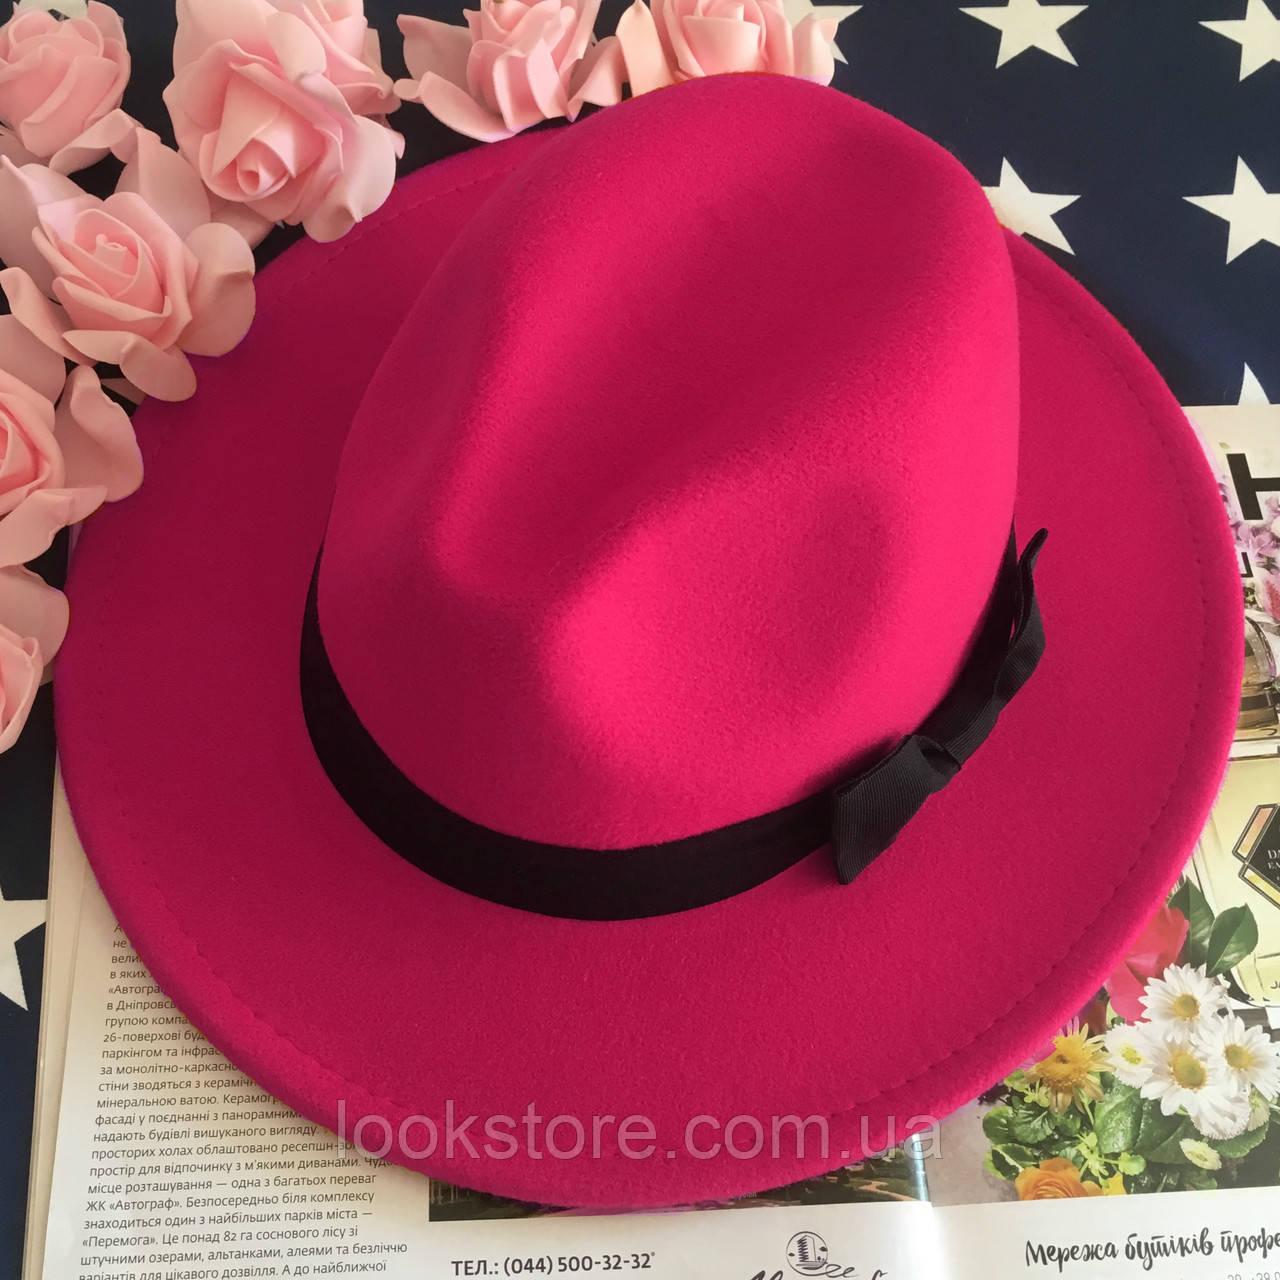 Шляпа женская Федора с устойчивыми полями и бантиком малиновая